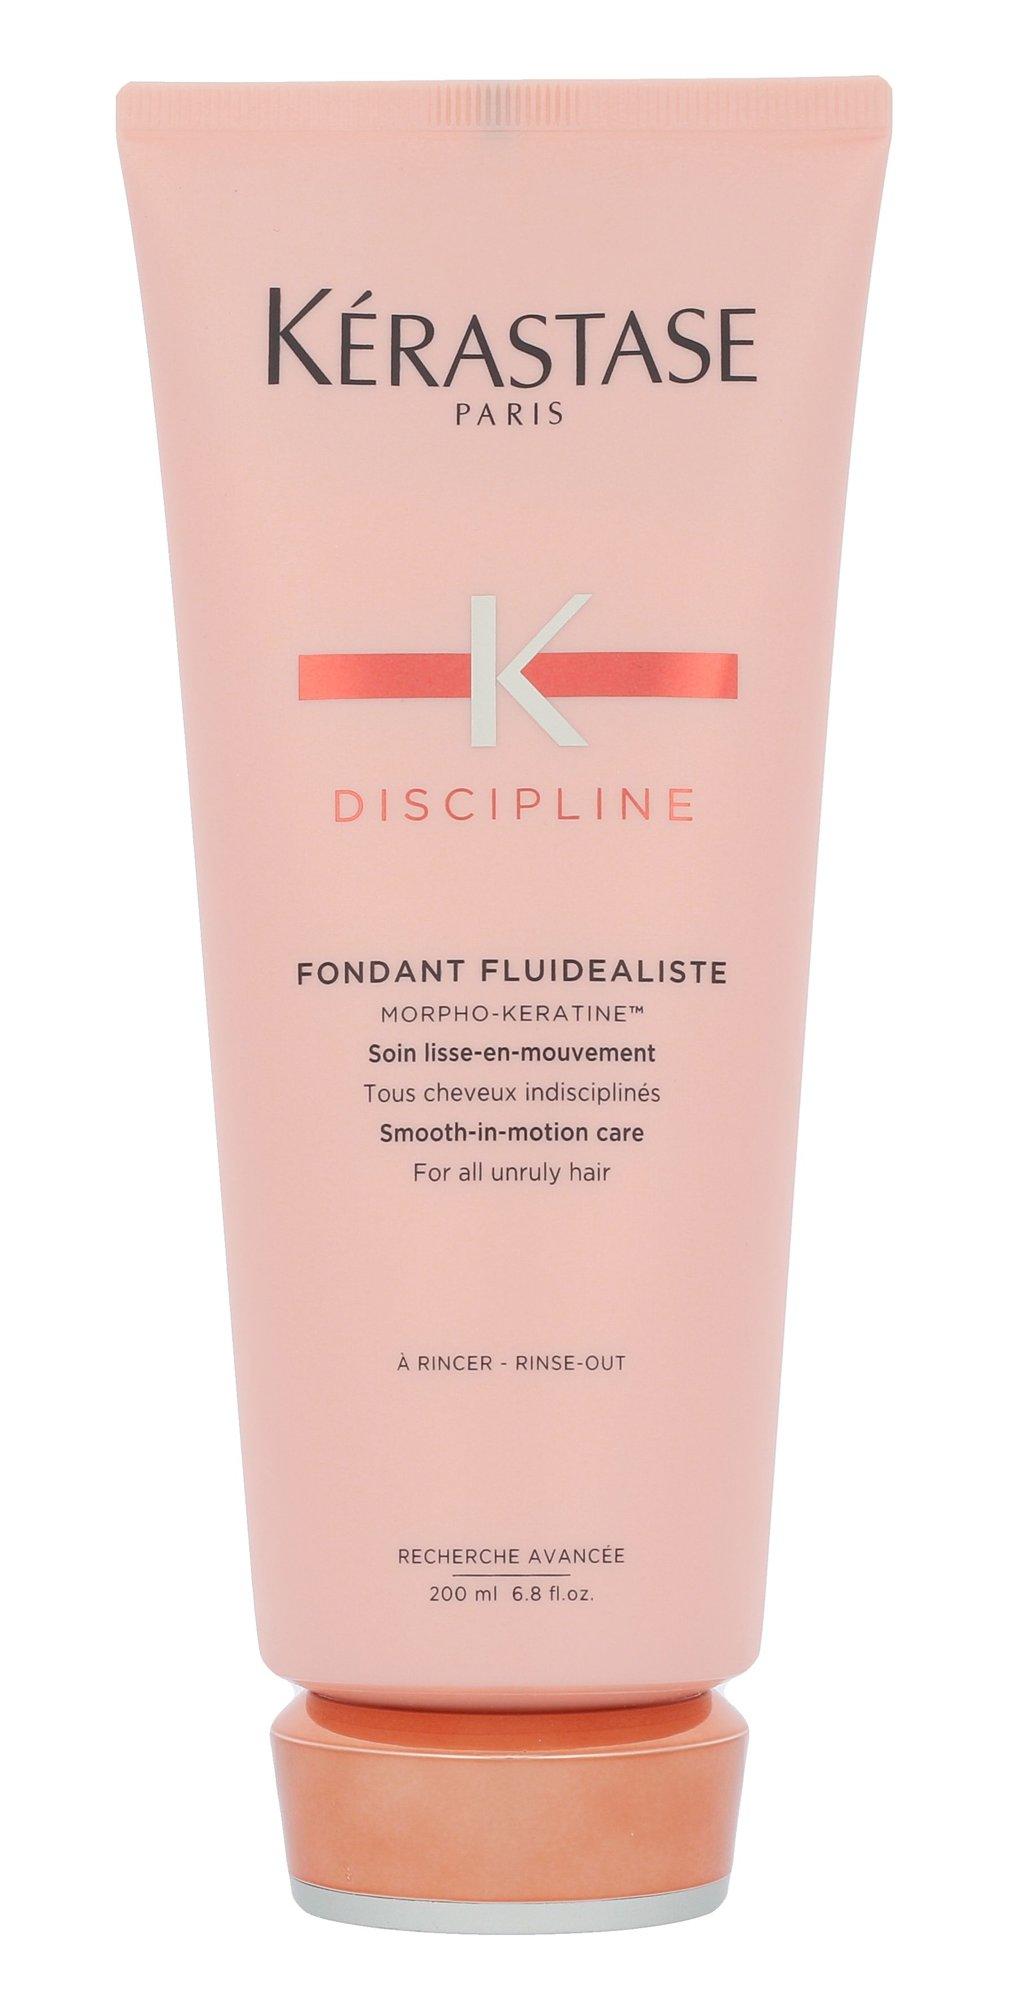 Kérastase Discipline Cosmetic 200ml